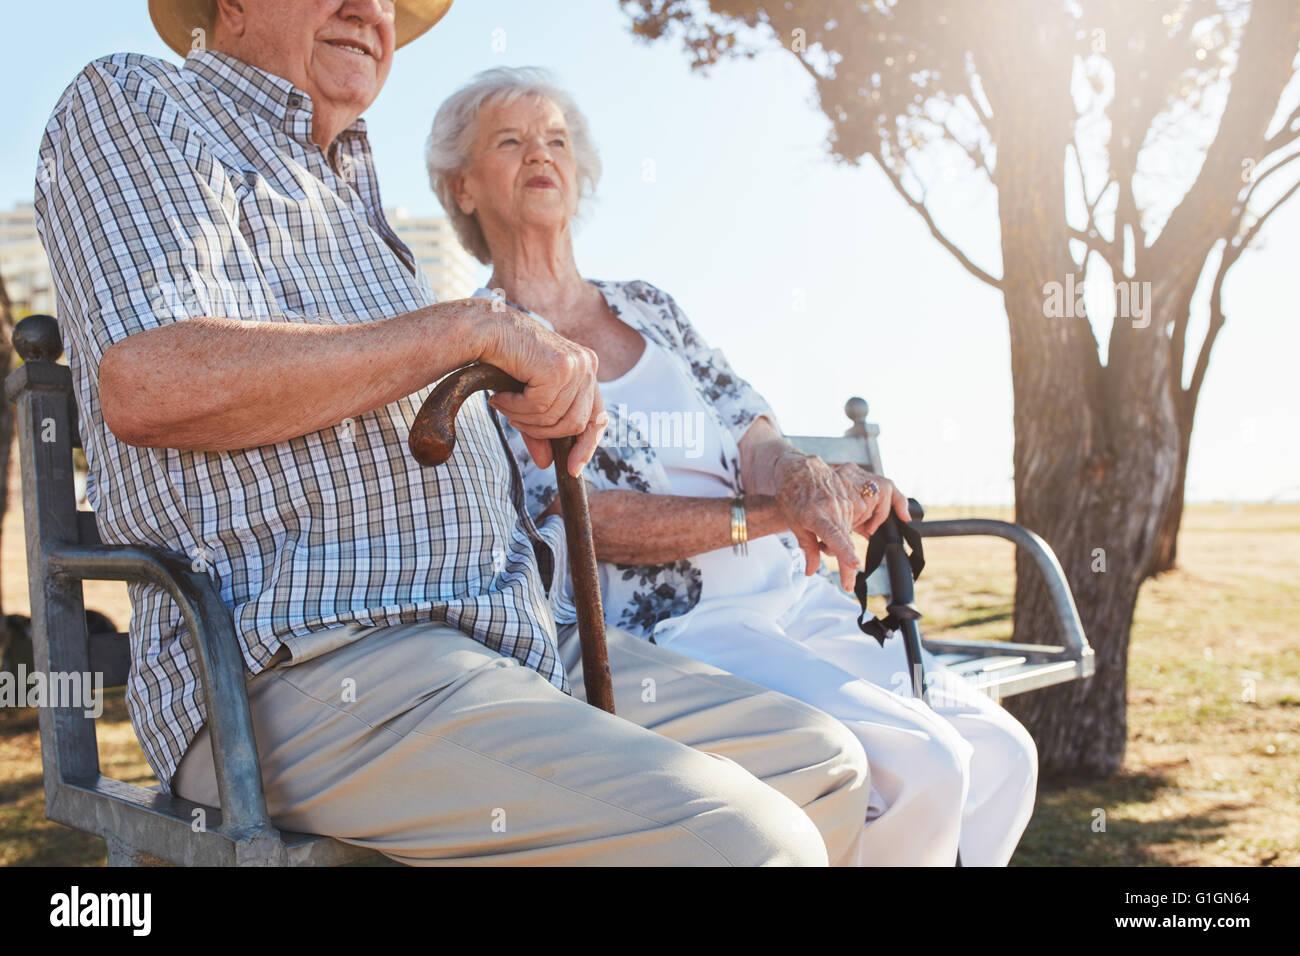 Las parejas ancianas sentadas en un banco del parque con bastón. Pareja de ancianos relajarse al aire libre Imagen De Stock